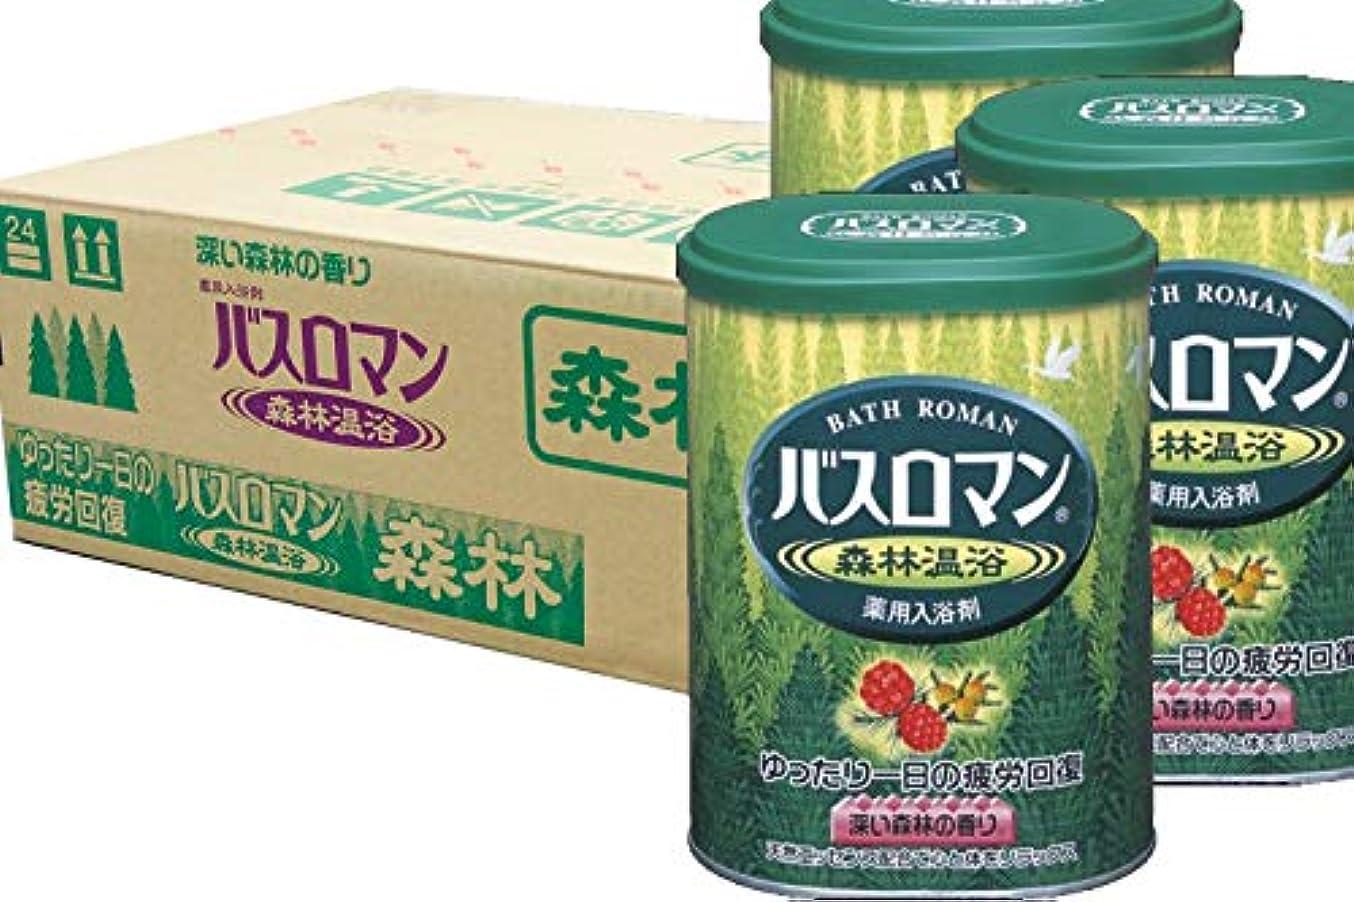 力トラックインドアース製薬 バスロマン 森林温浴 680g(入浴剤)×12点セット (4901080536112)